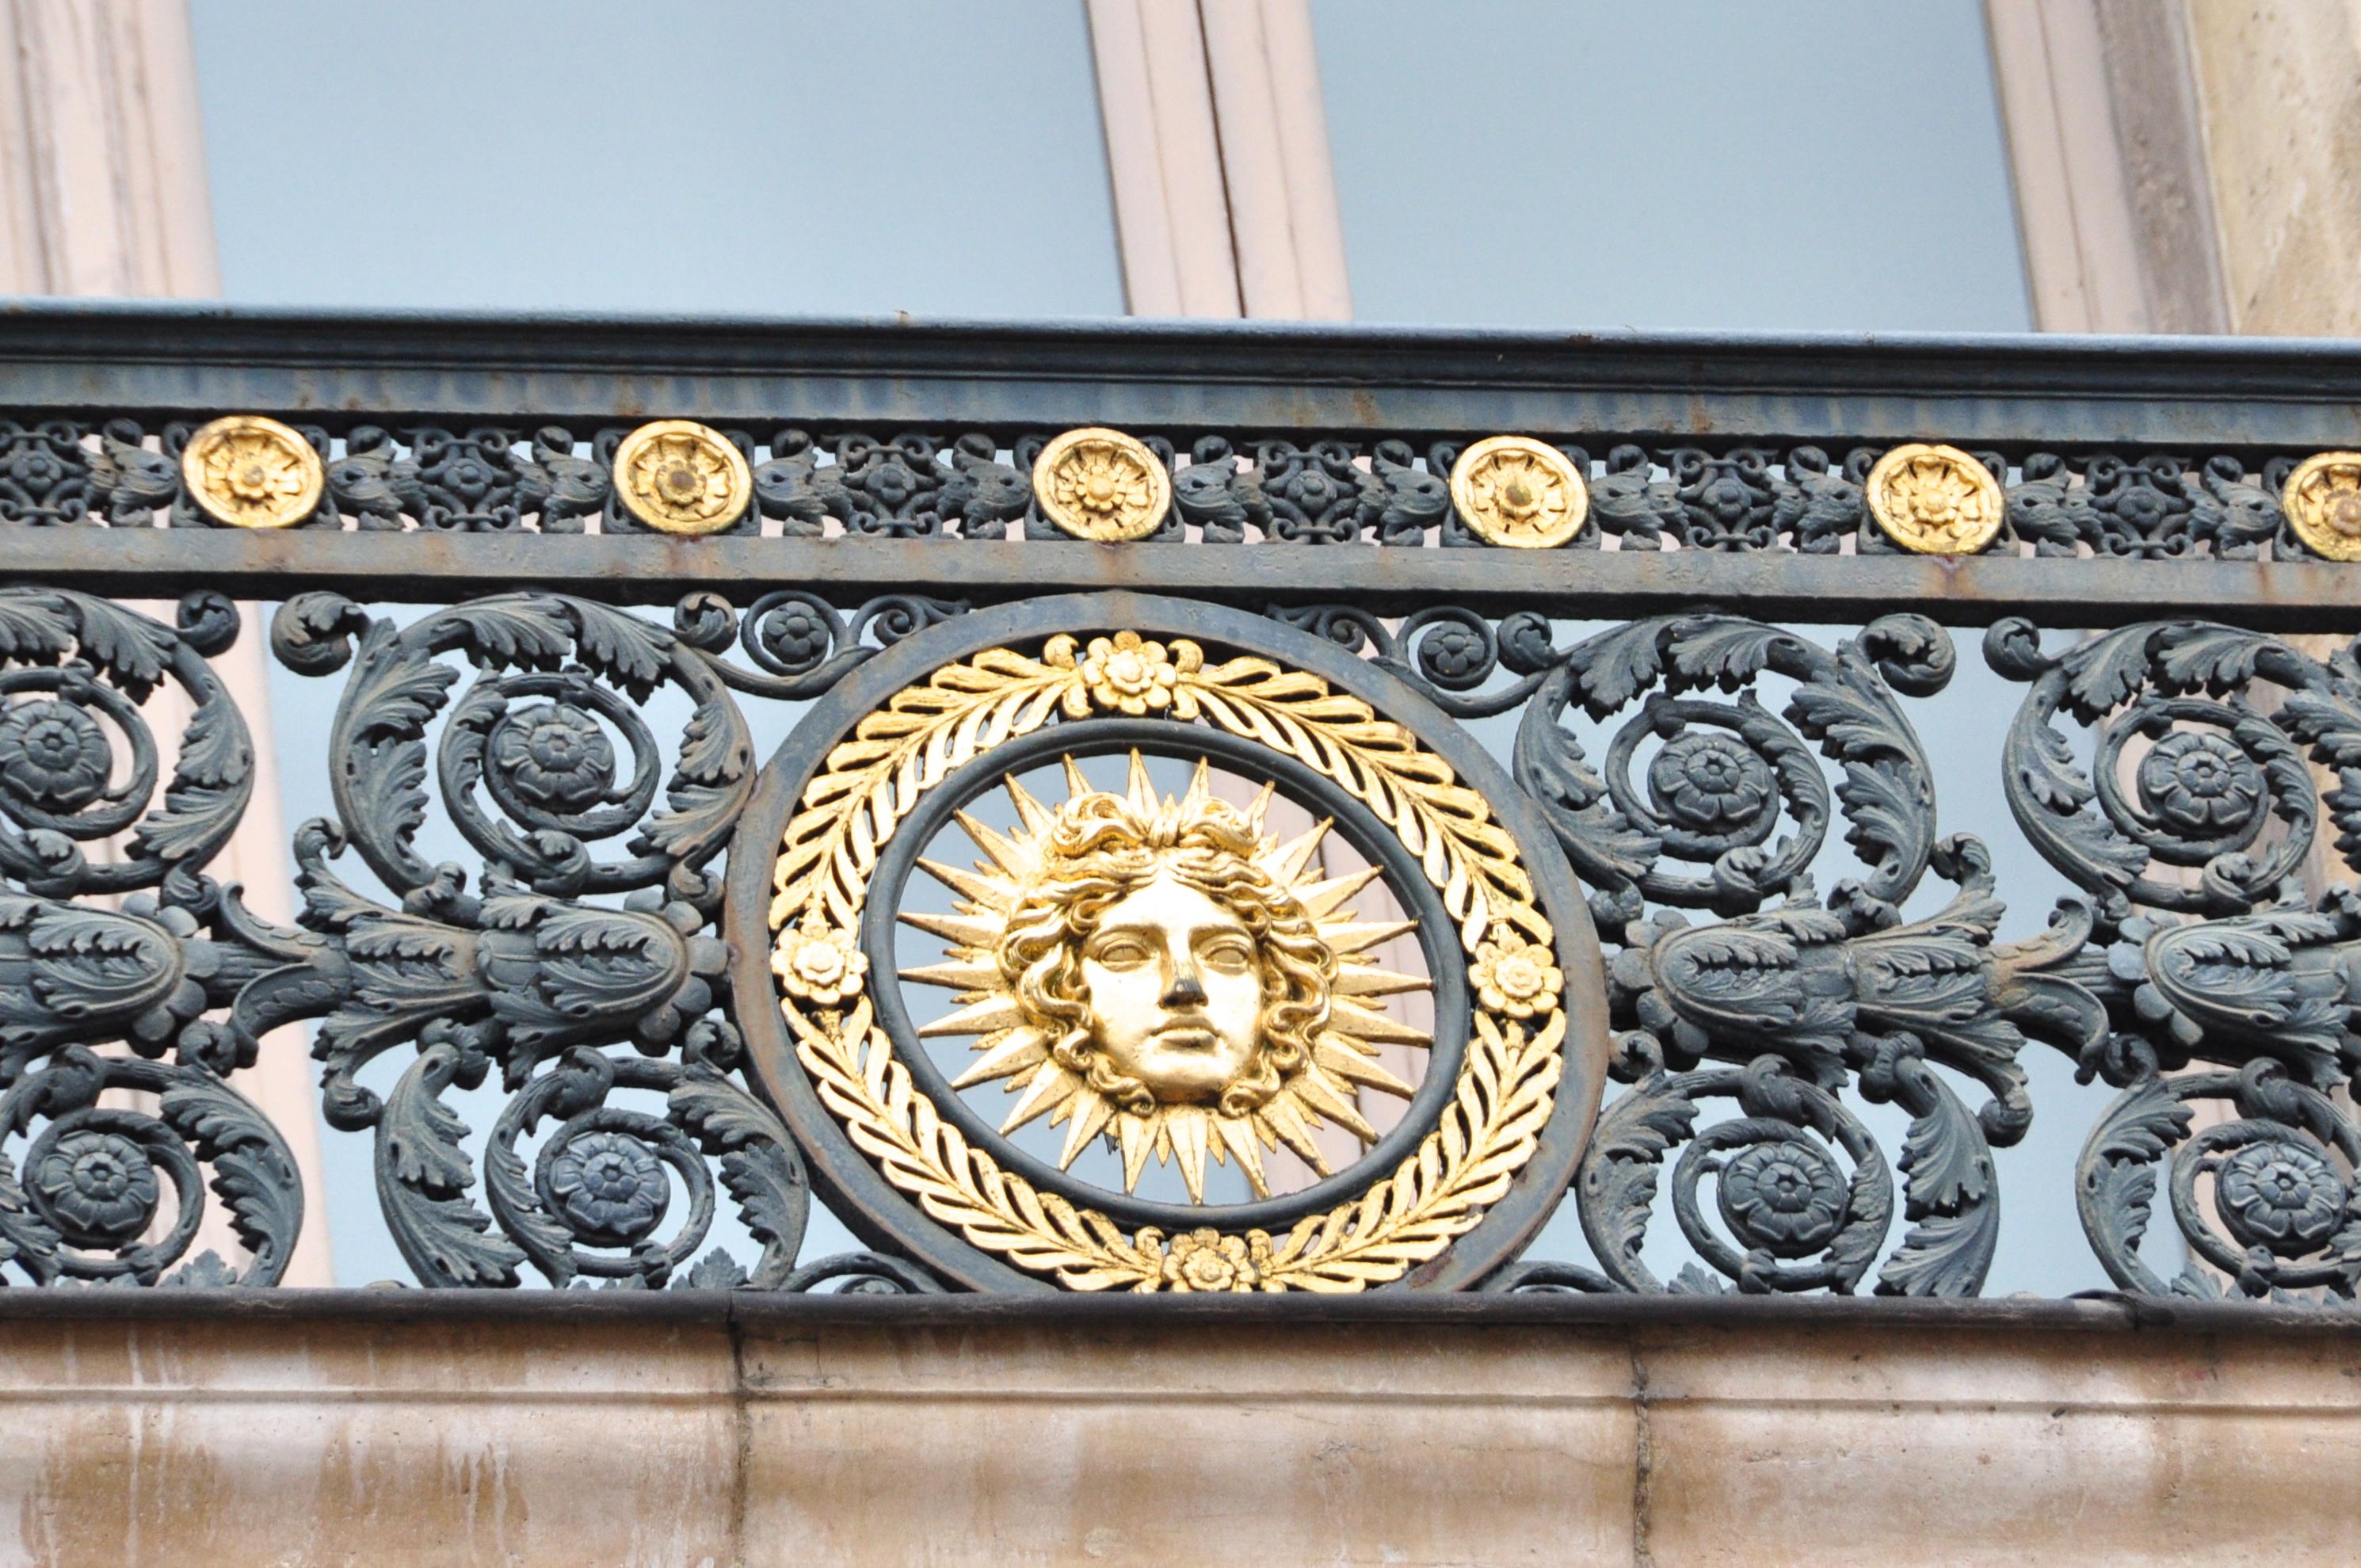 Le balcon de la façade méridionale du Louvre, à l'emblème du Roi soleil, Paris